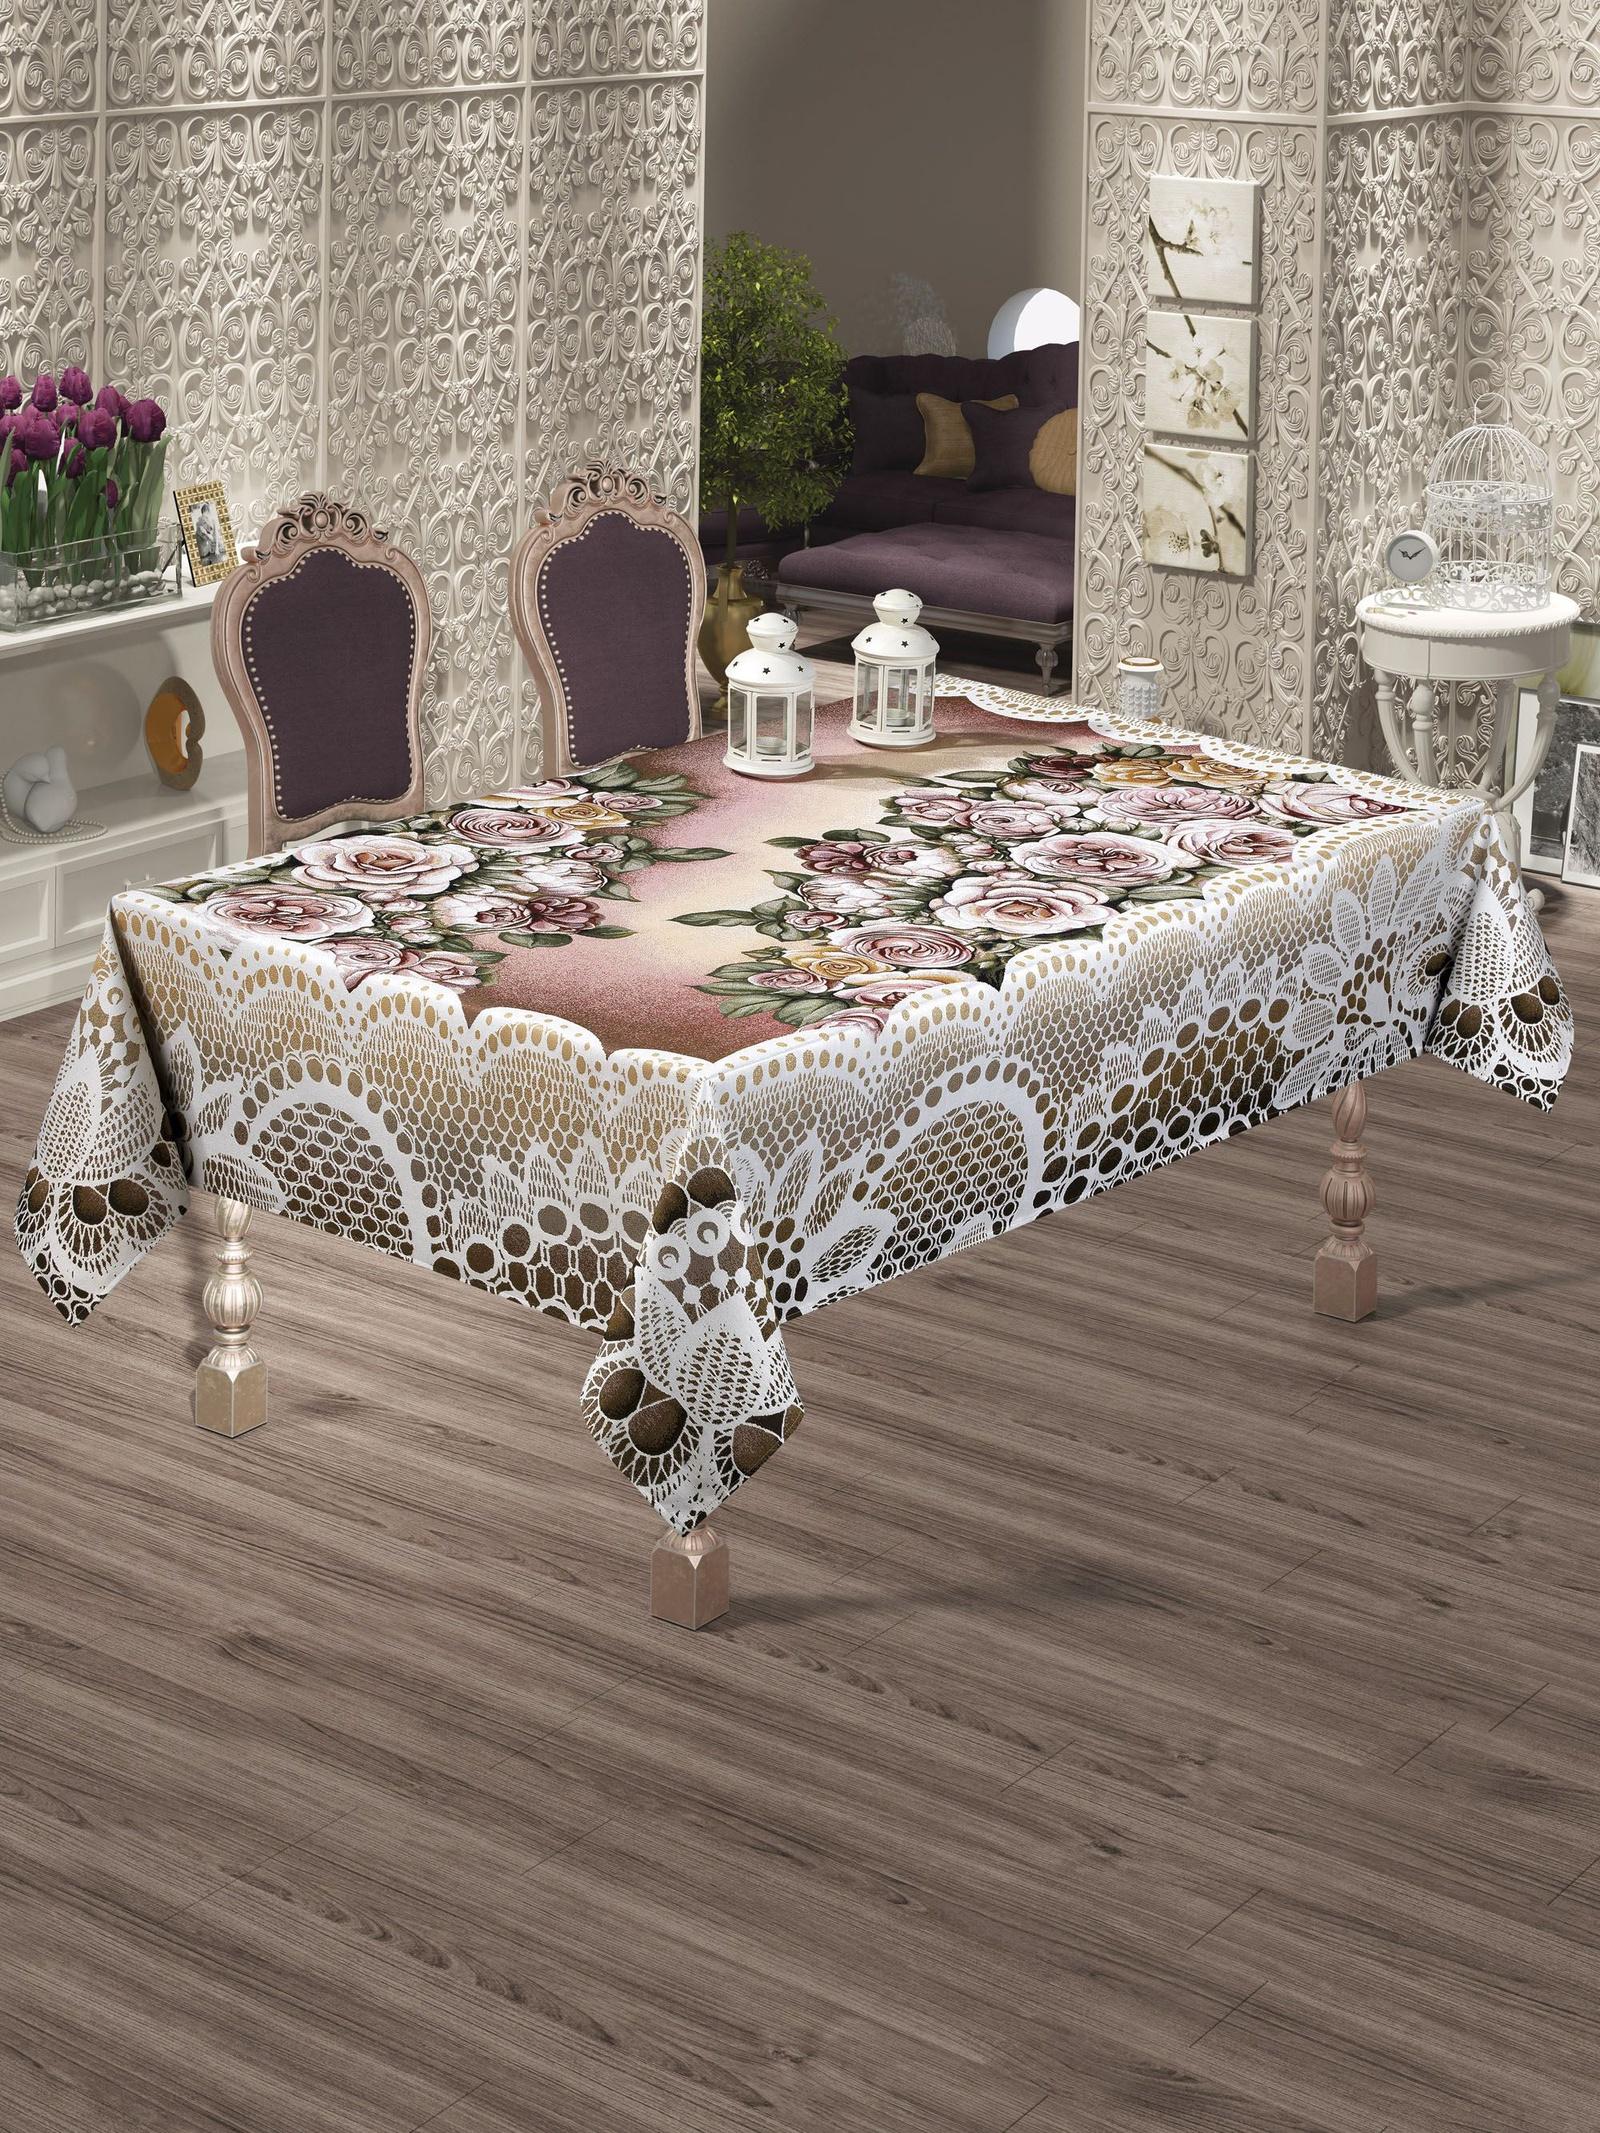 Скатерть Do&Co Maldiv Lux, 10110, розовый, коричневый, 160 х 220 см